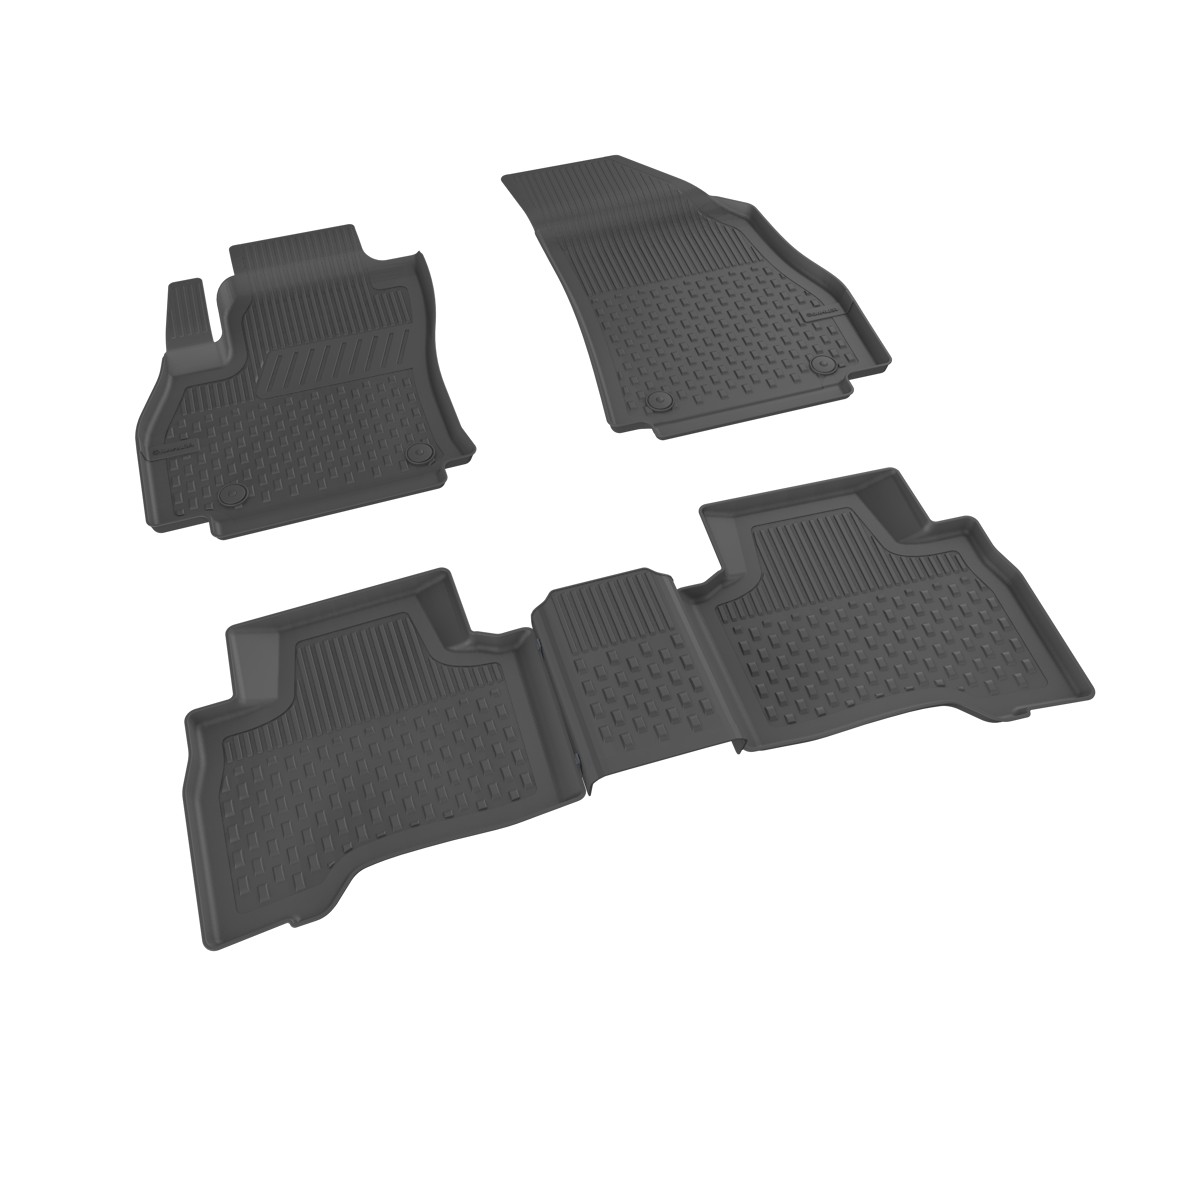 Автомобильные коврики в салон SAHLER 4D для CITROEN NEMO 2007+ CI-04